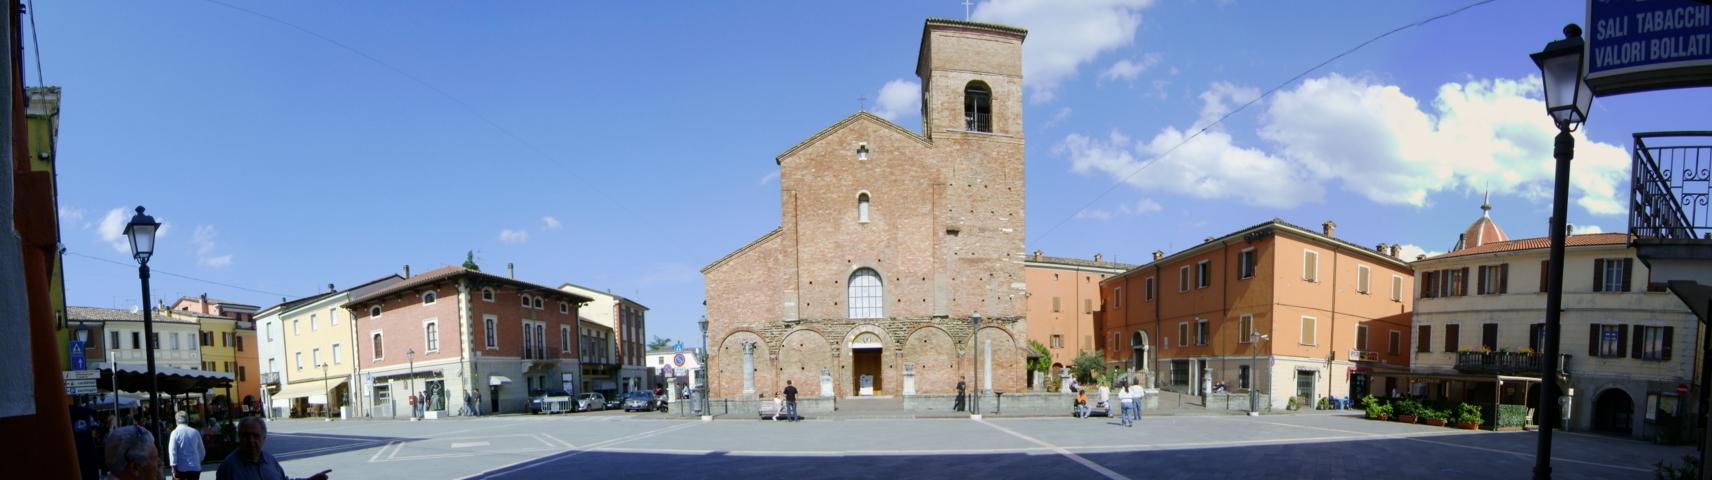 La Piazza Plauto di Sarsina